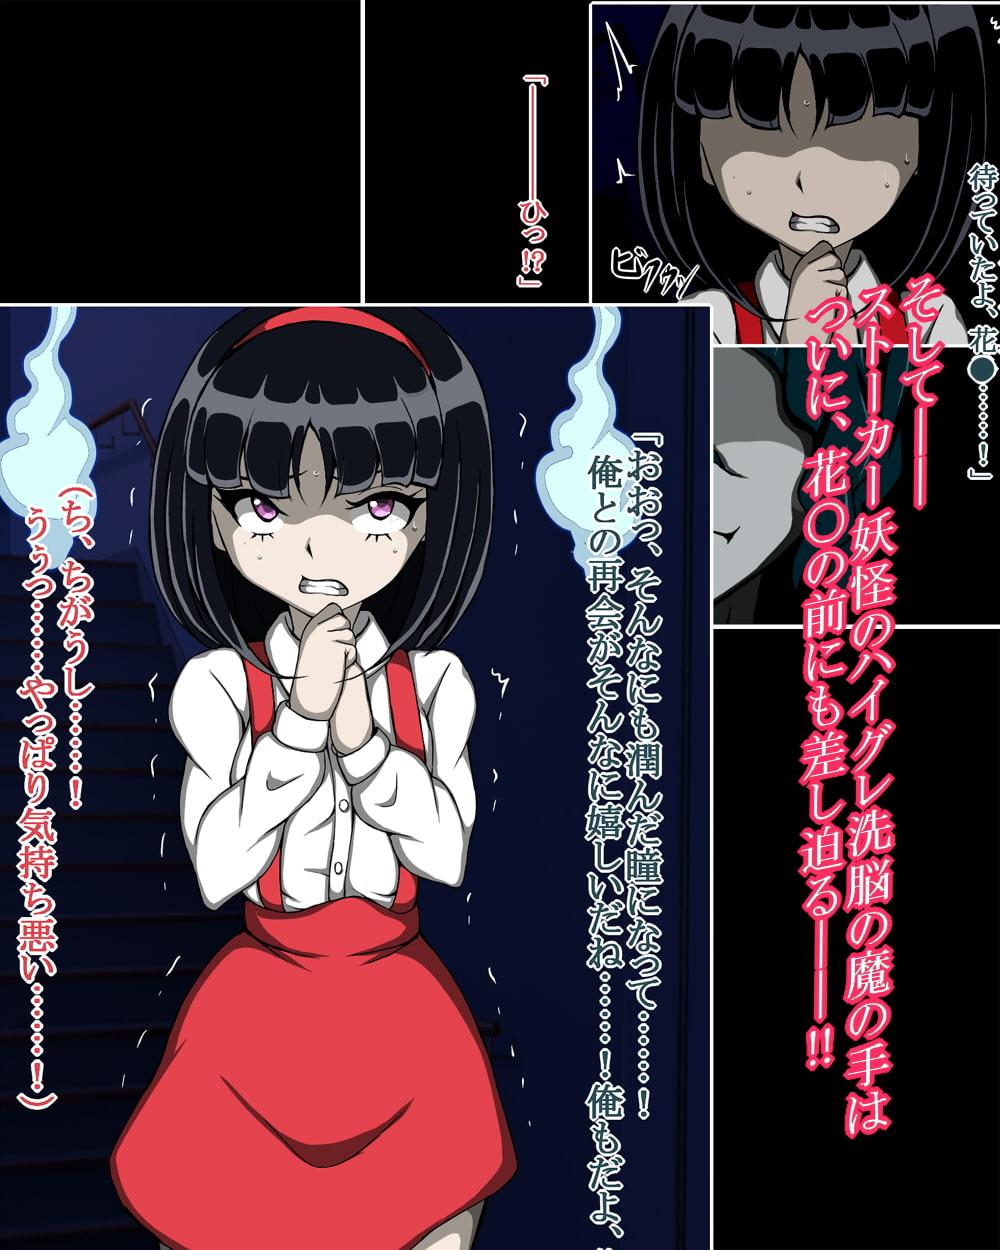 ハイグレ変態洗脳~『ね○娘&犬山○な&花○』ストーカー妖怪の復讐編~